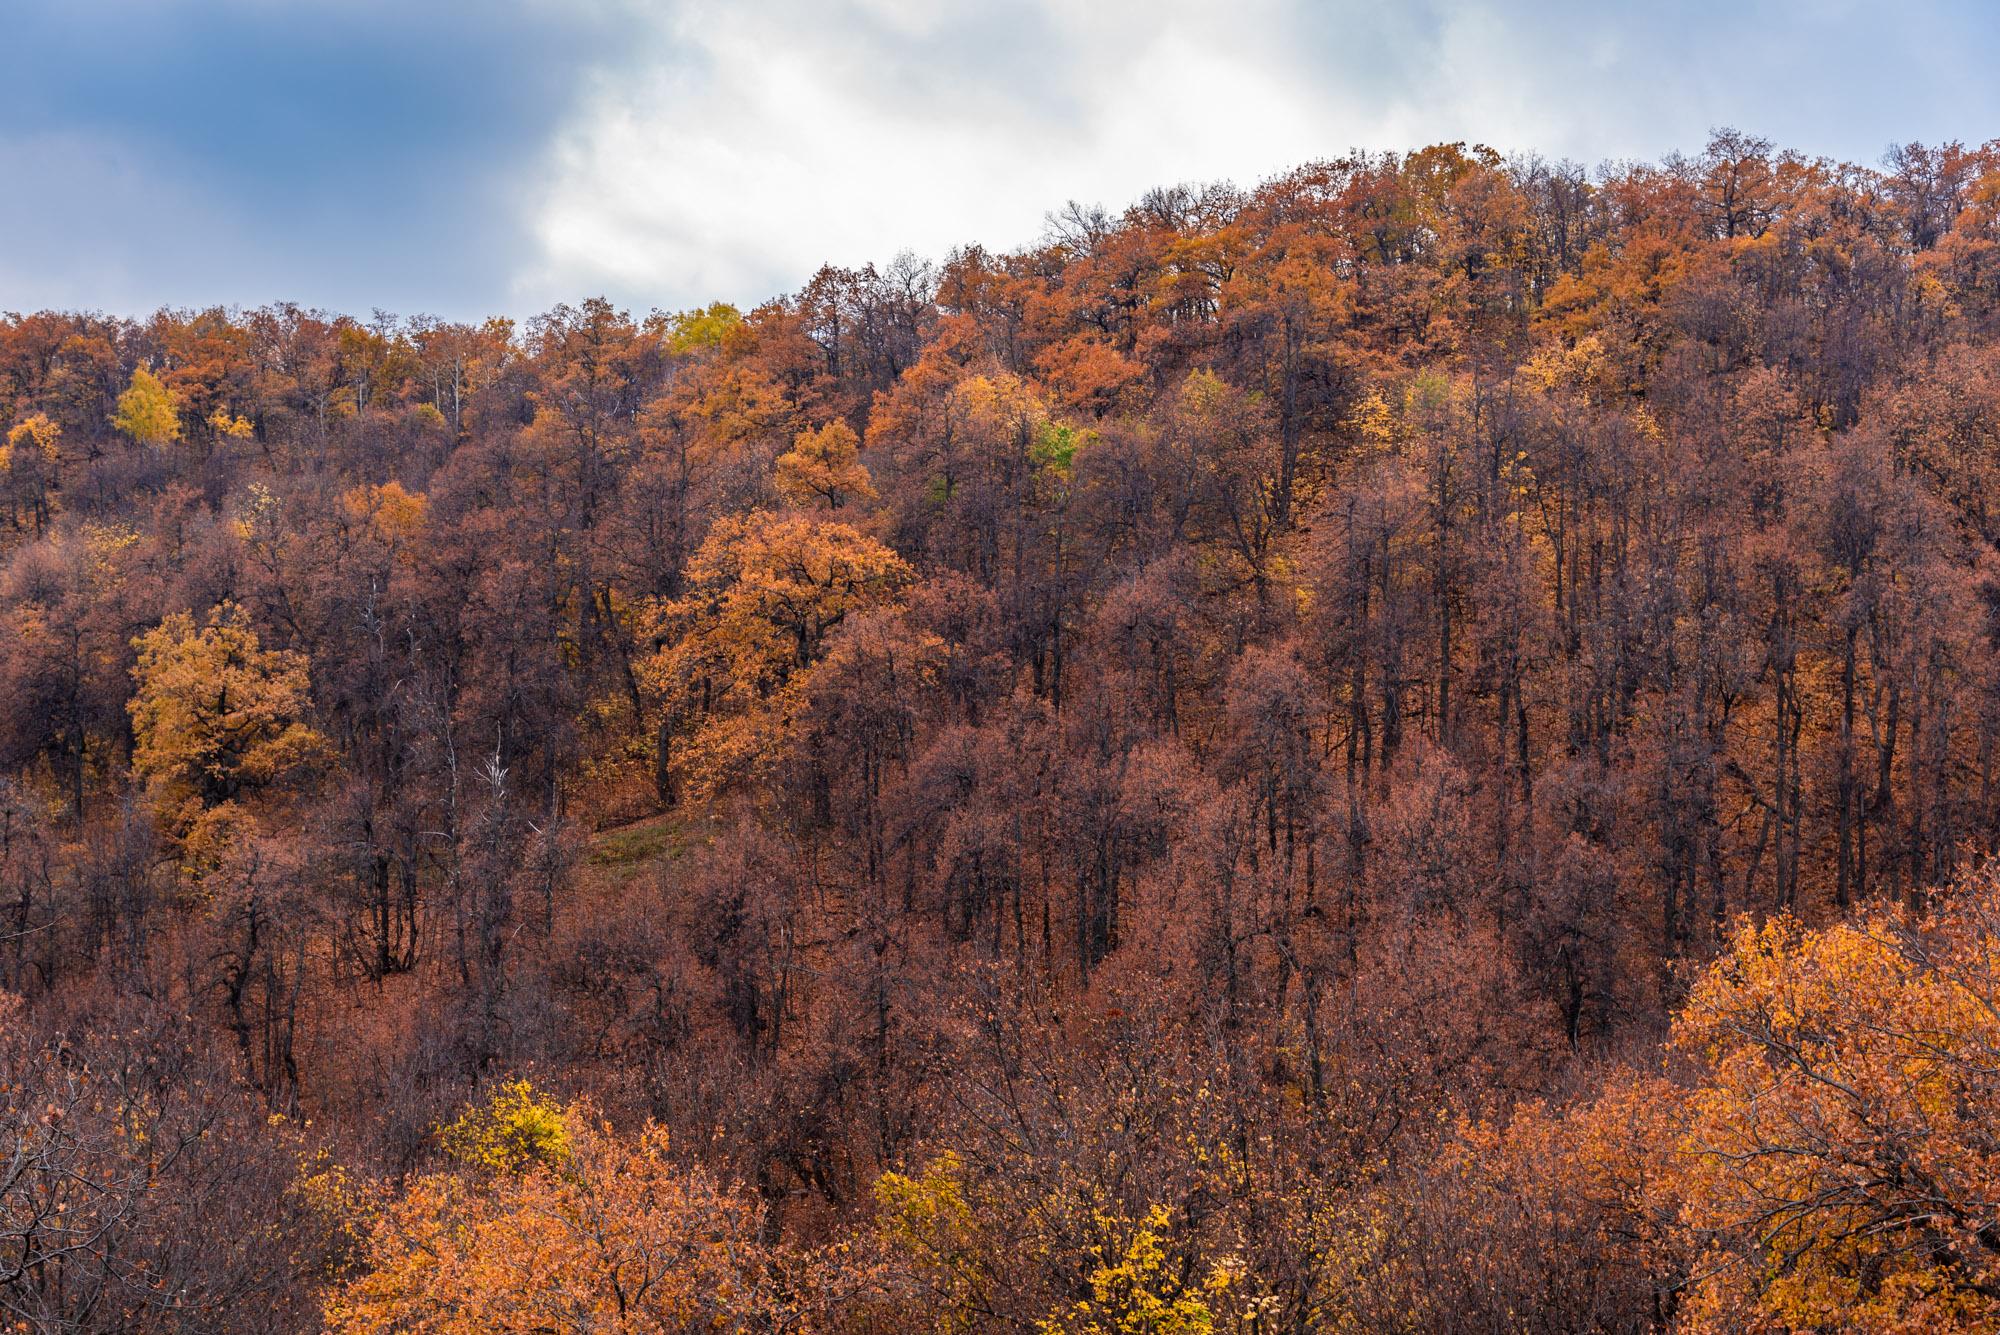 Склоны, поросшие деревьями